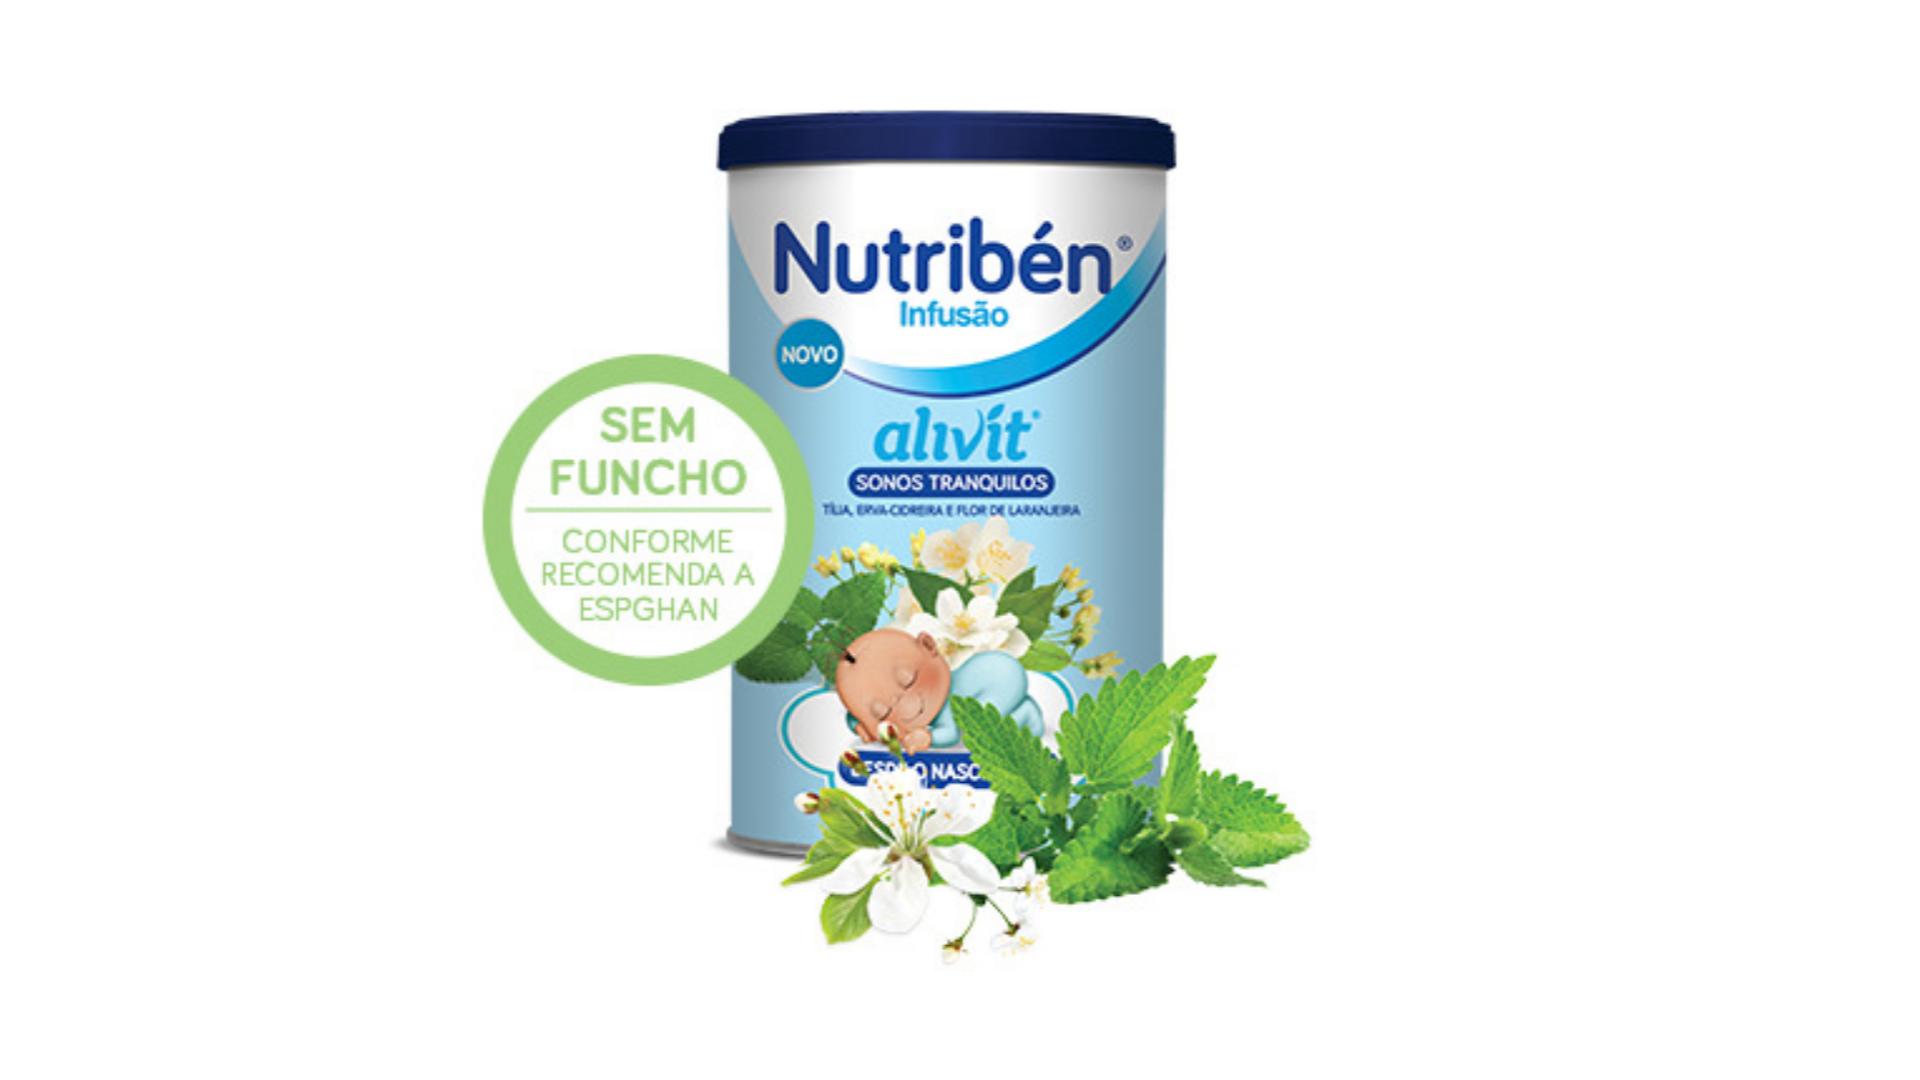 Nutribén | ALIVIT SONOS TRANQUILOS 150g